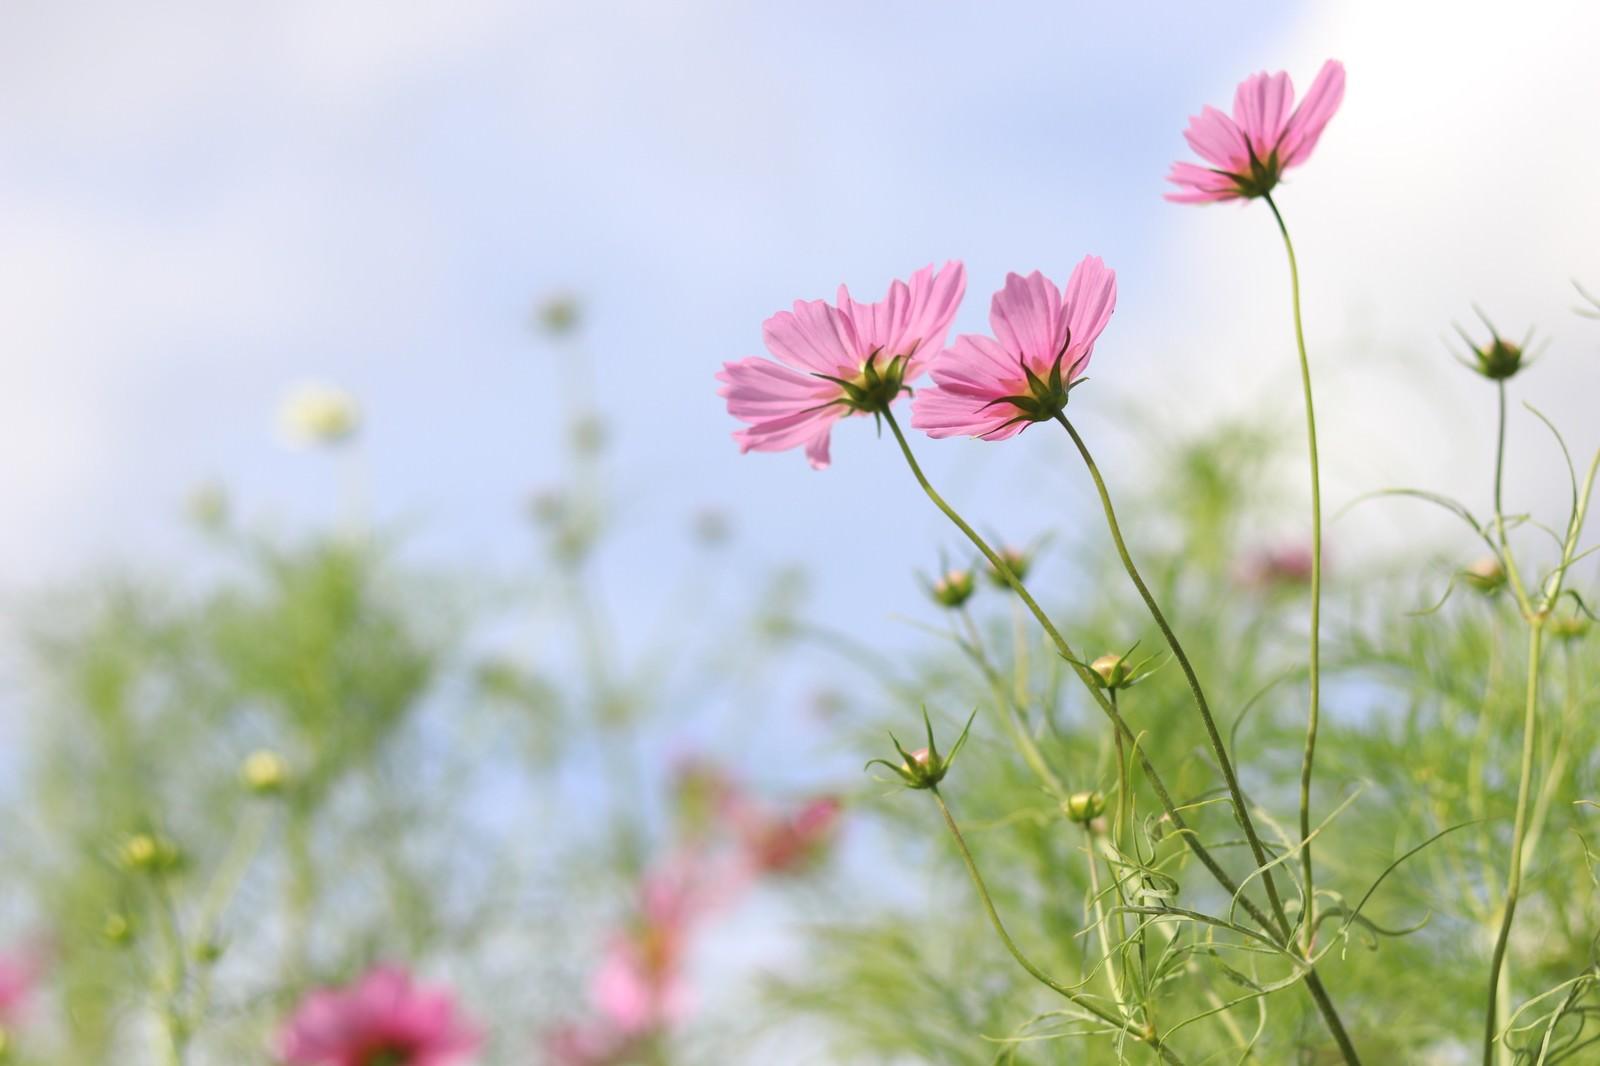 「風に揺れるコスモスの花」の写真